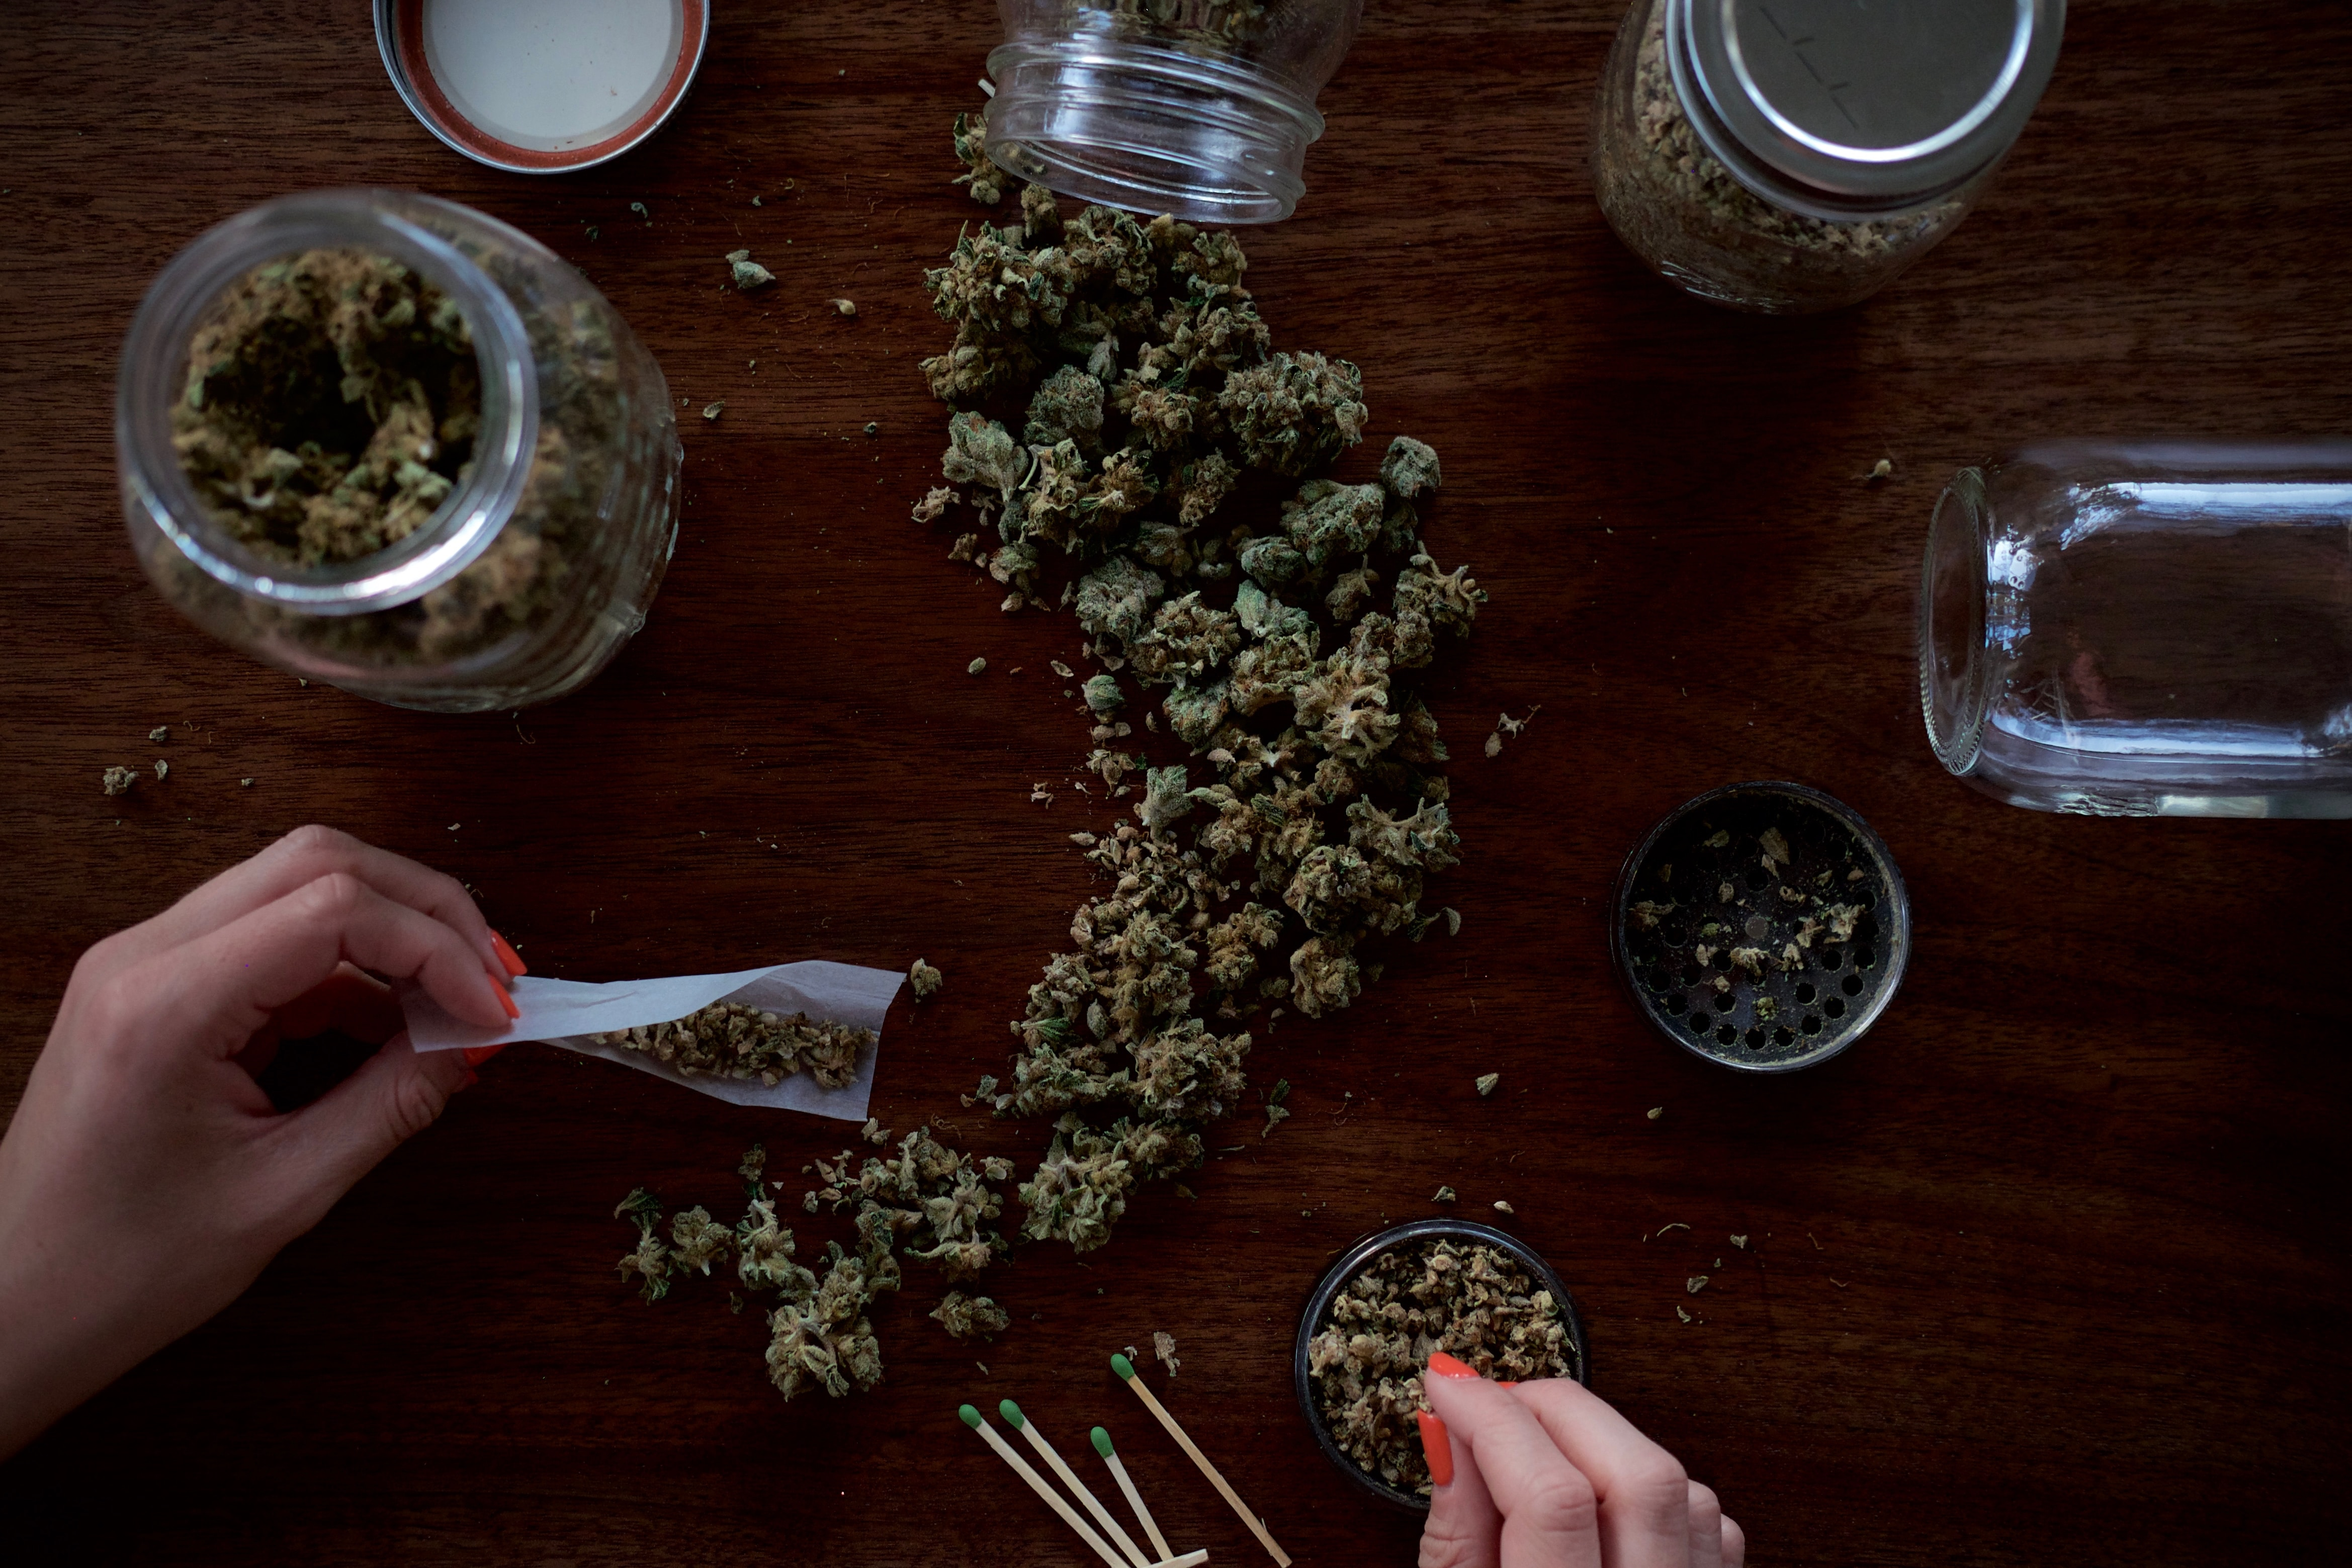 No solo es Wall Street, en México el cannabis también  despierta interés para hacer negocios